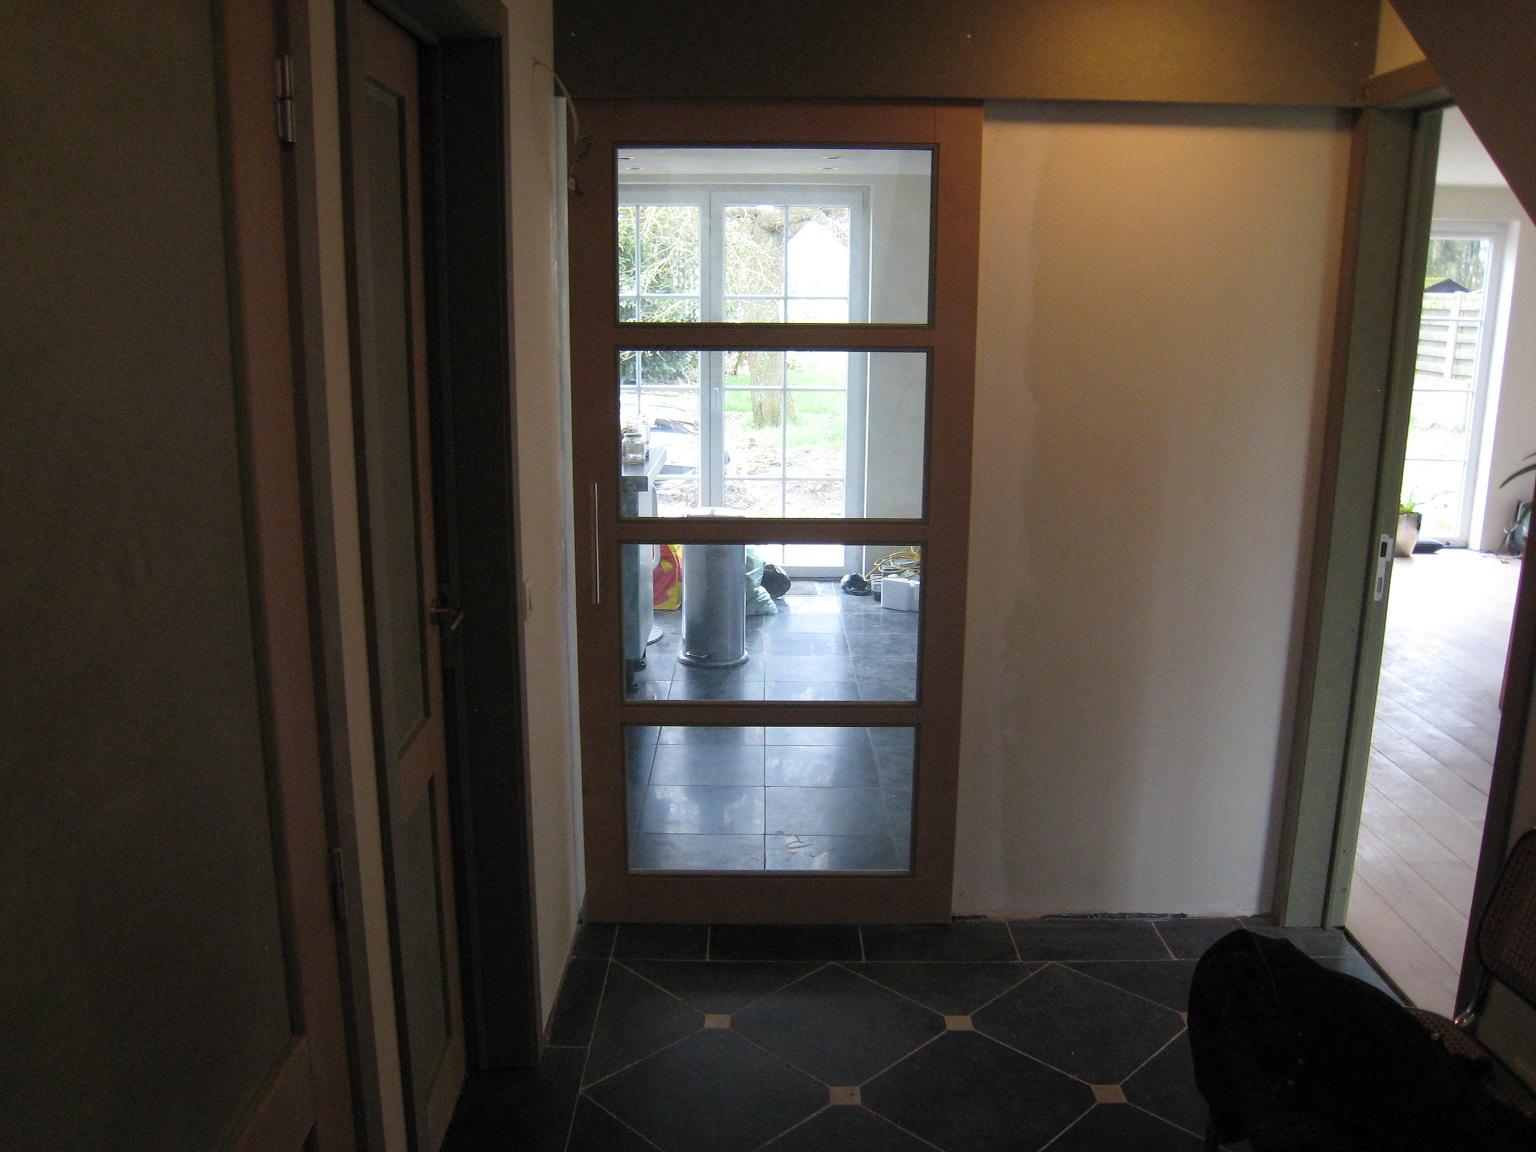 Huize Stapel Keuken en woonkamer deur met glas